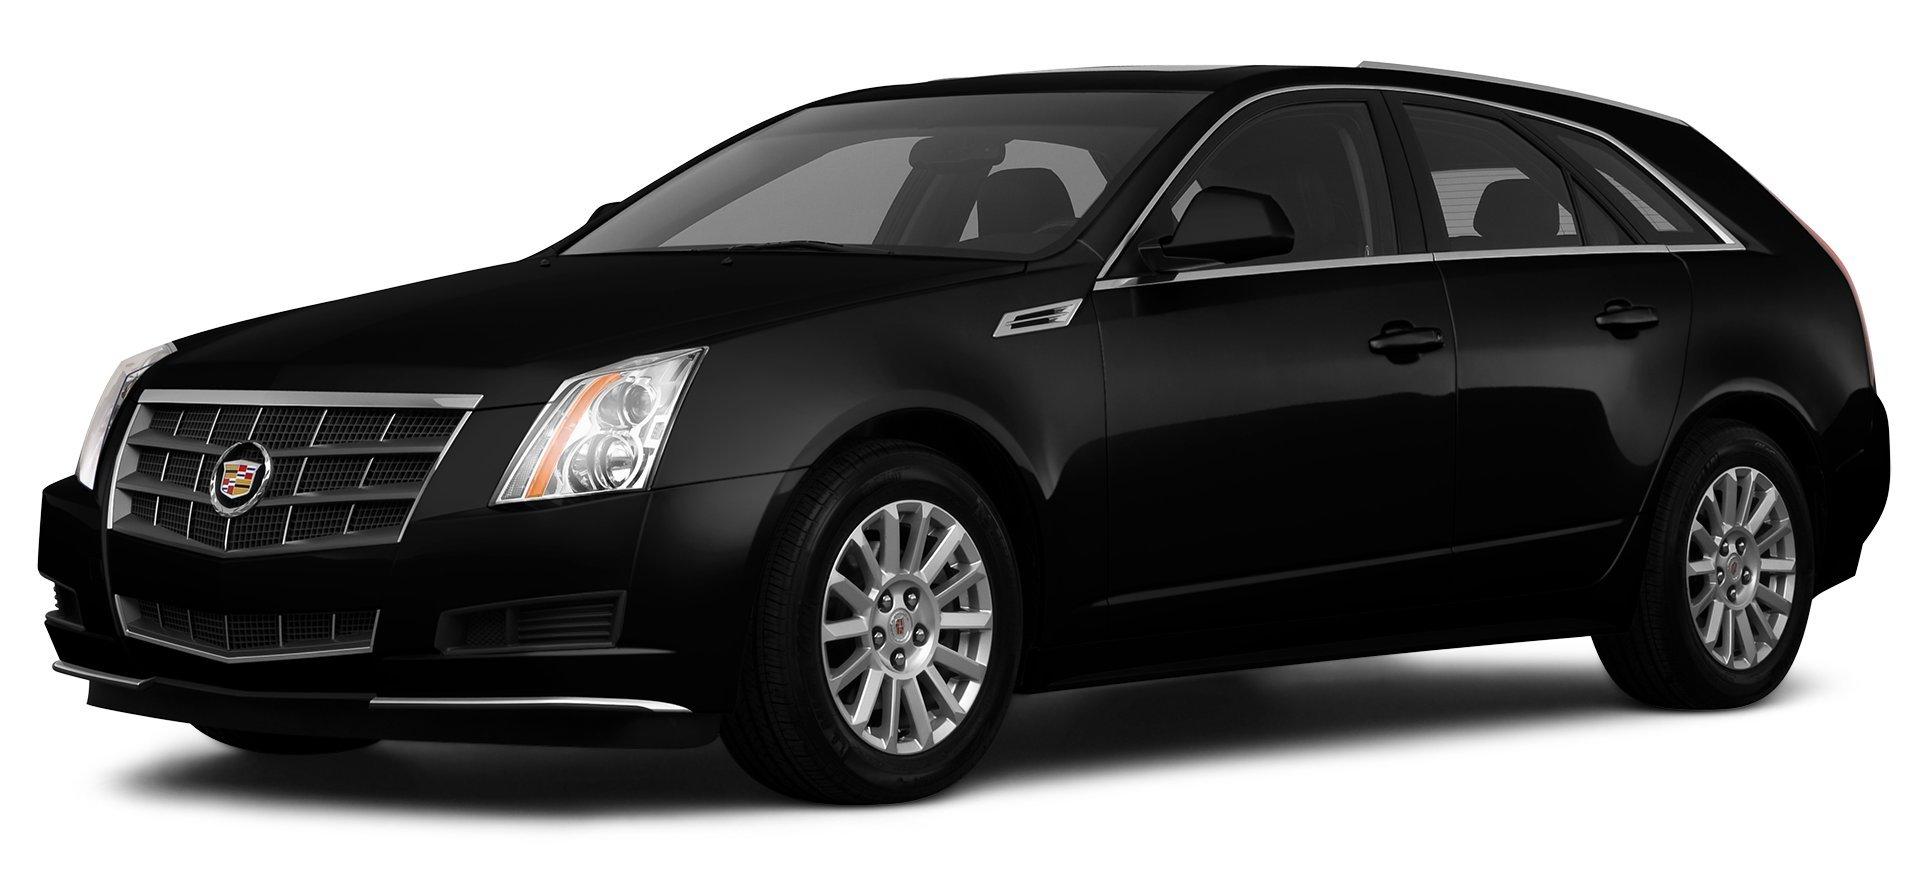 ... 2010 Cadillac CTS Luxury, 5-Door Wagon 3.0L All Wheel Drive